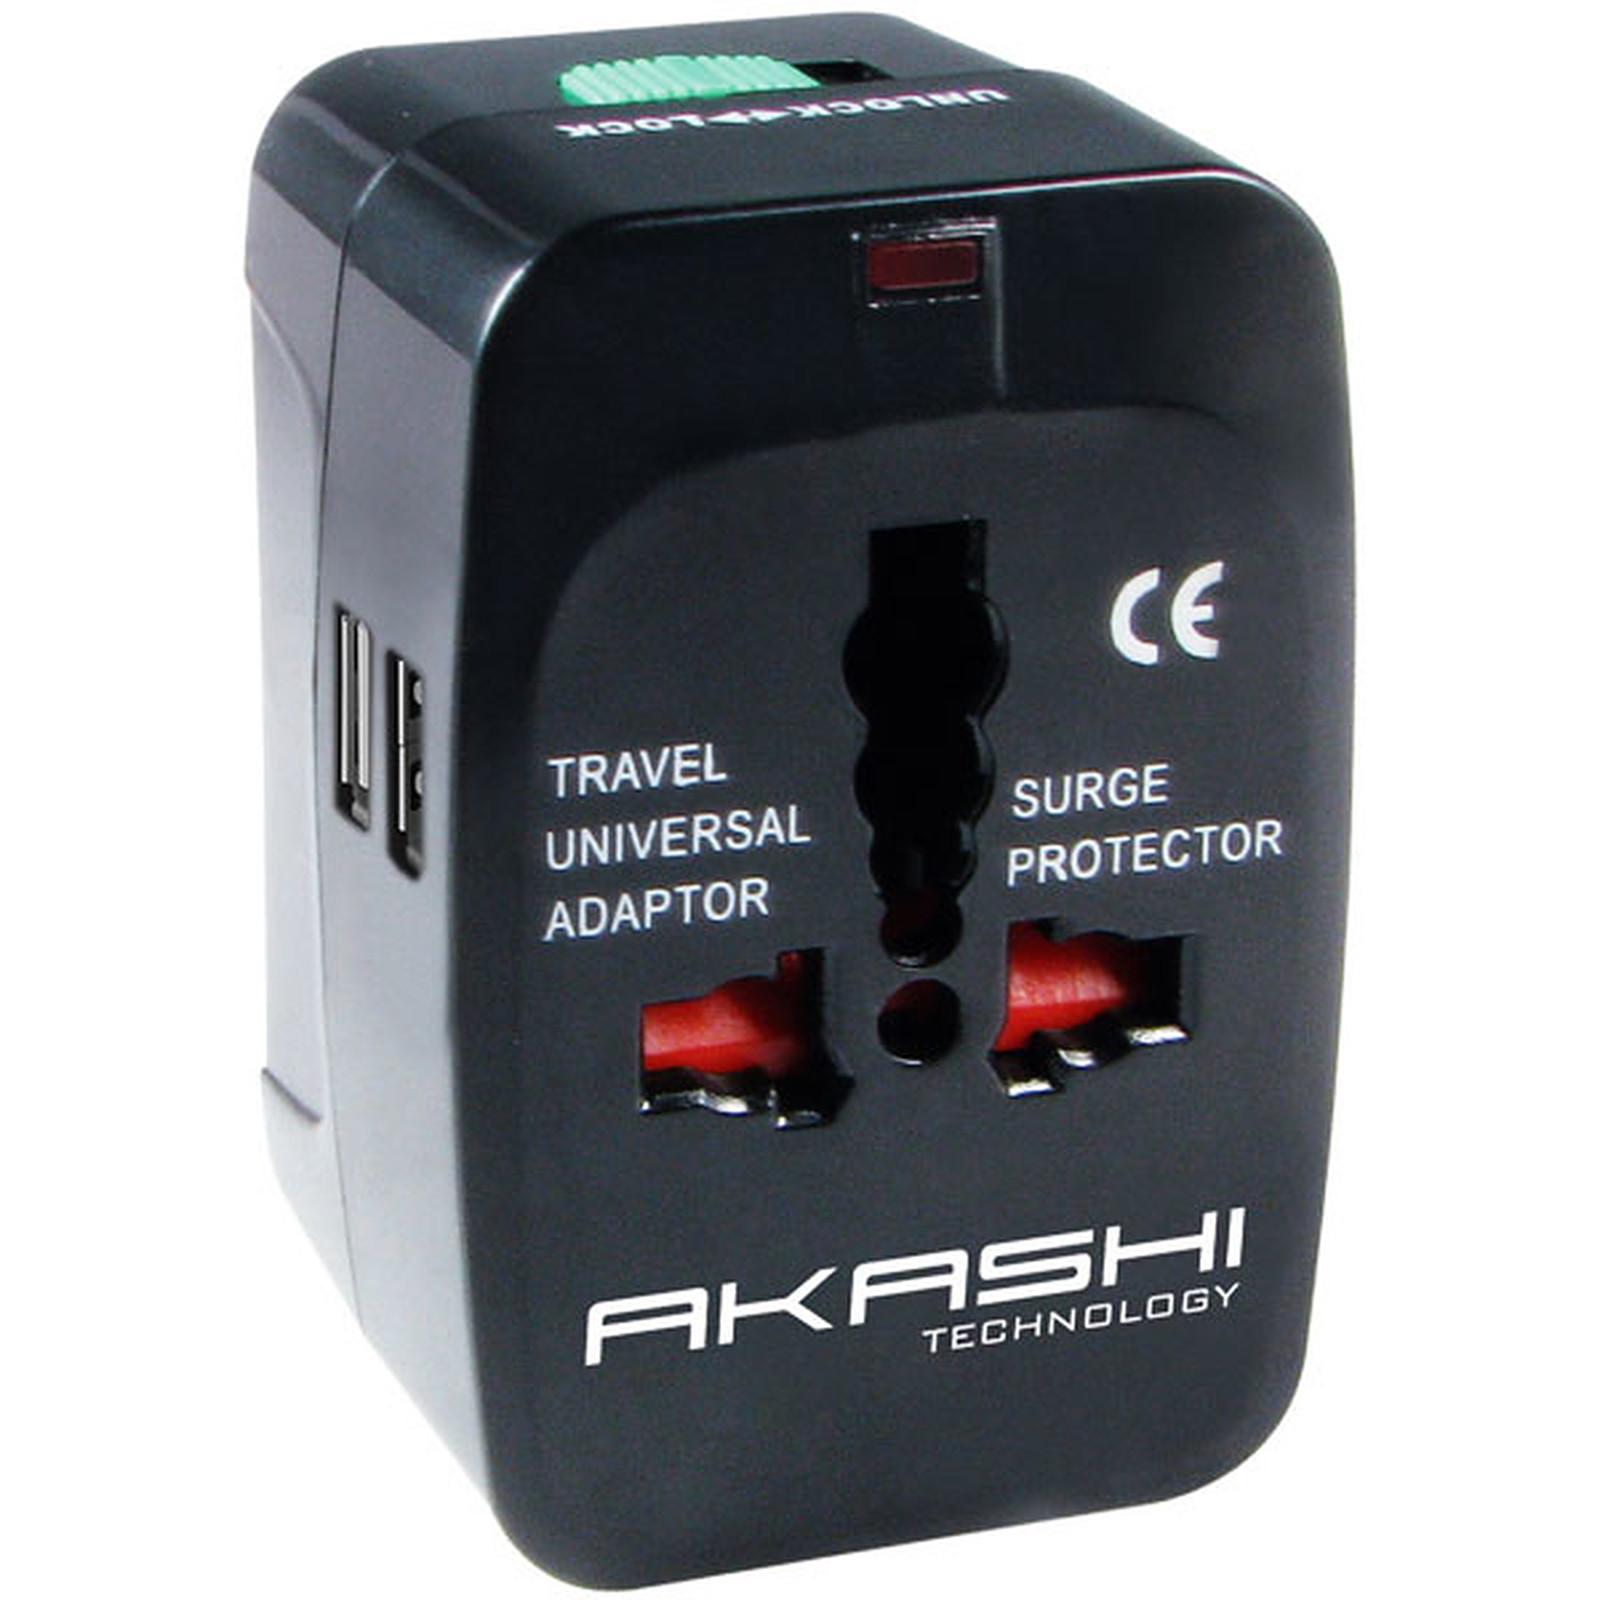 Akashi Adaptateur Universel de voyage 150 Pays avec 2 ports USB